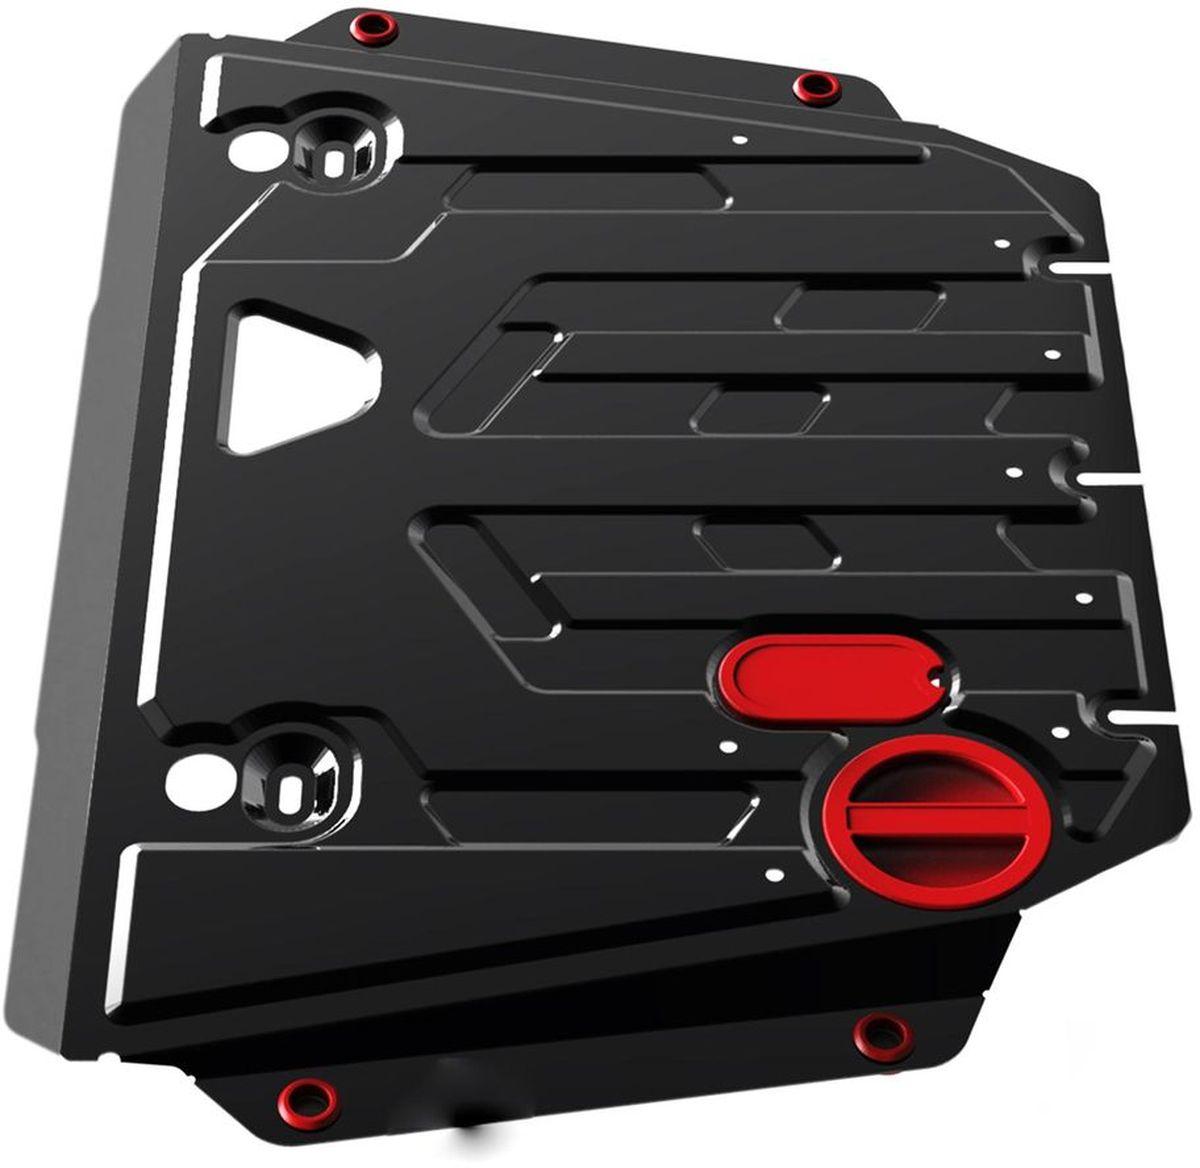 Защита картера и КПП Автоброня Citroёn C2 2005-2009/Citroёn C3 2005-2009, сталь 2 мм защита картера и кпп автоброня citroёn c5 2008 сталь 2 мм